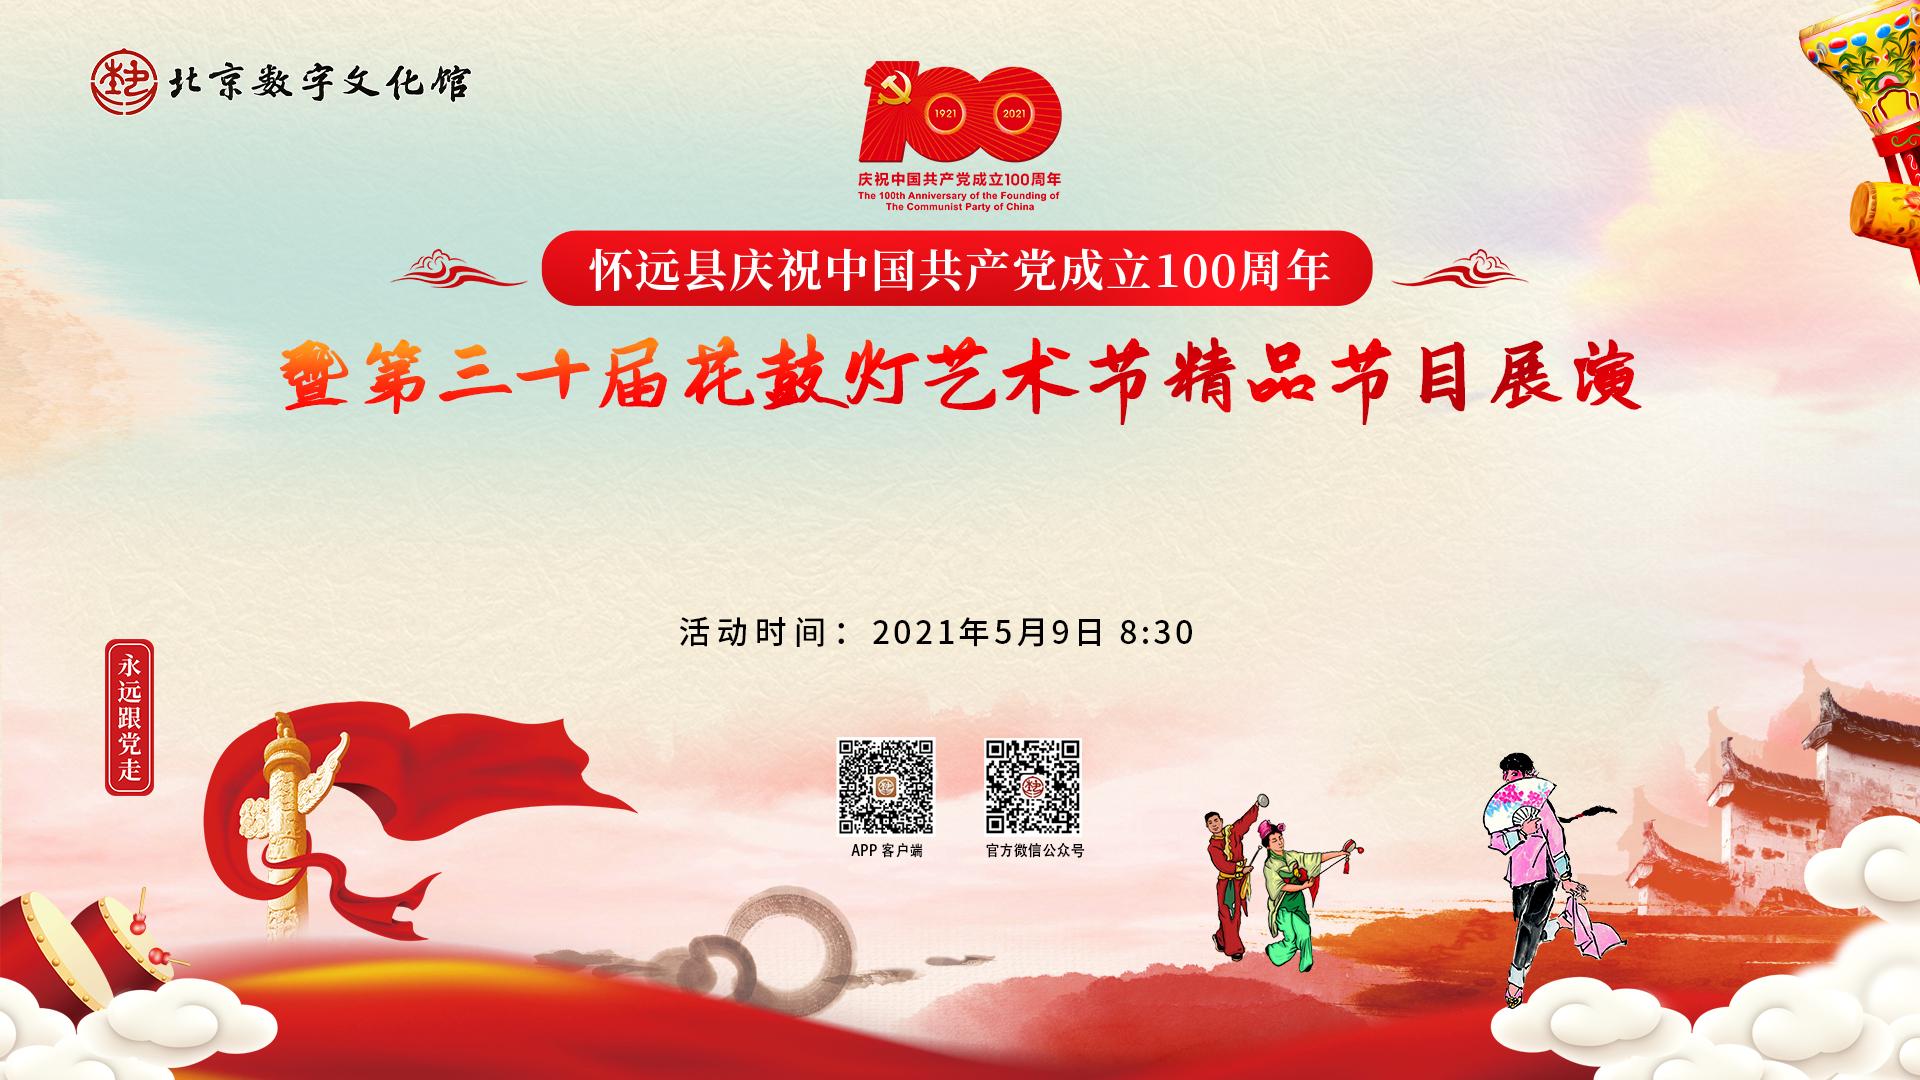 懷遠縣慶祝中國共産黨成立100周年暨第三十屆花鼓燈藝術節精品節目展演